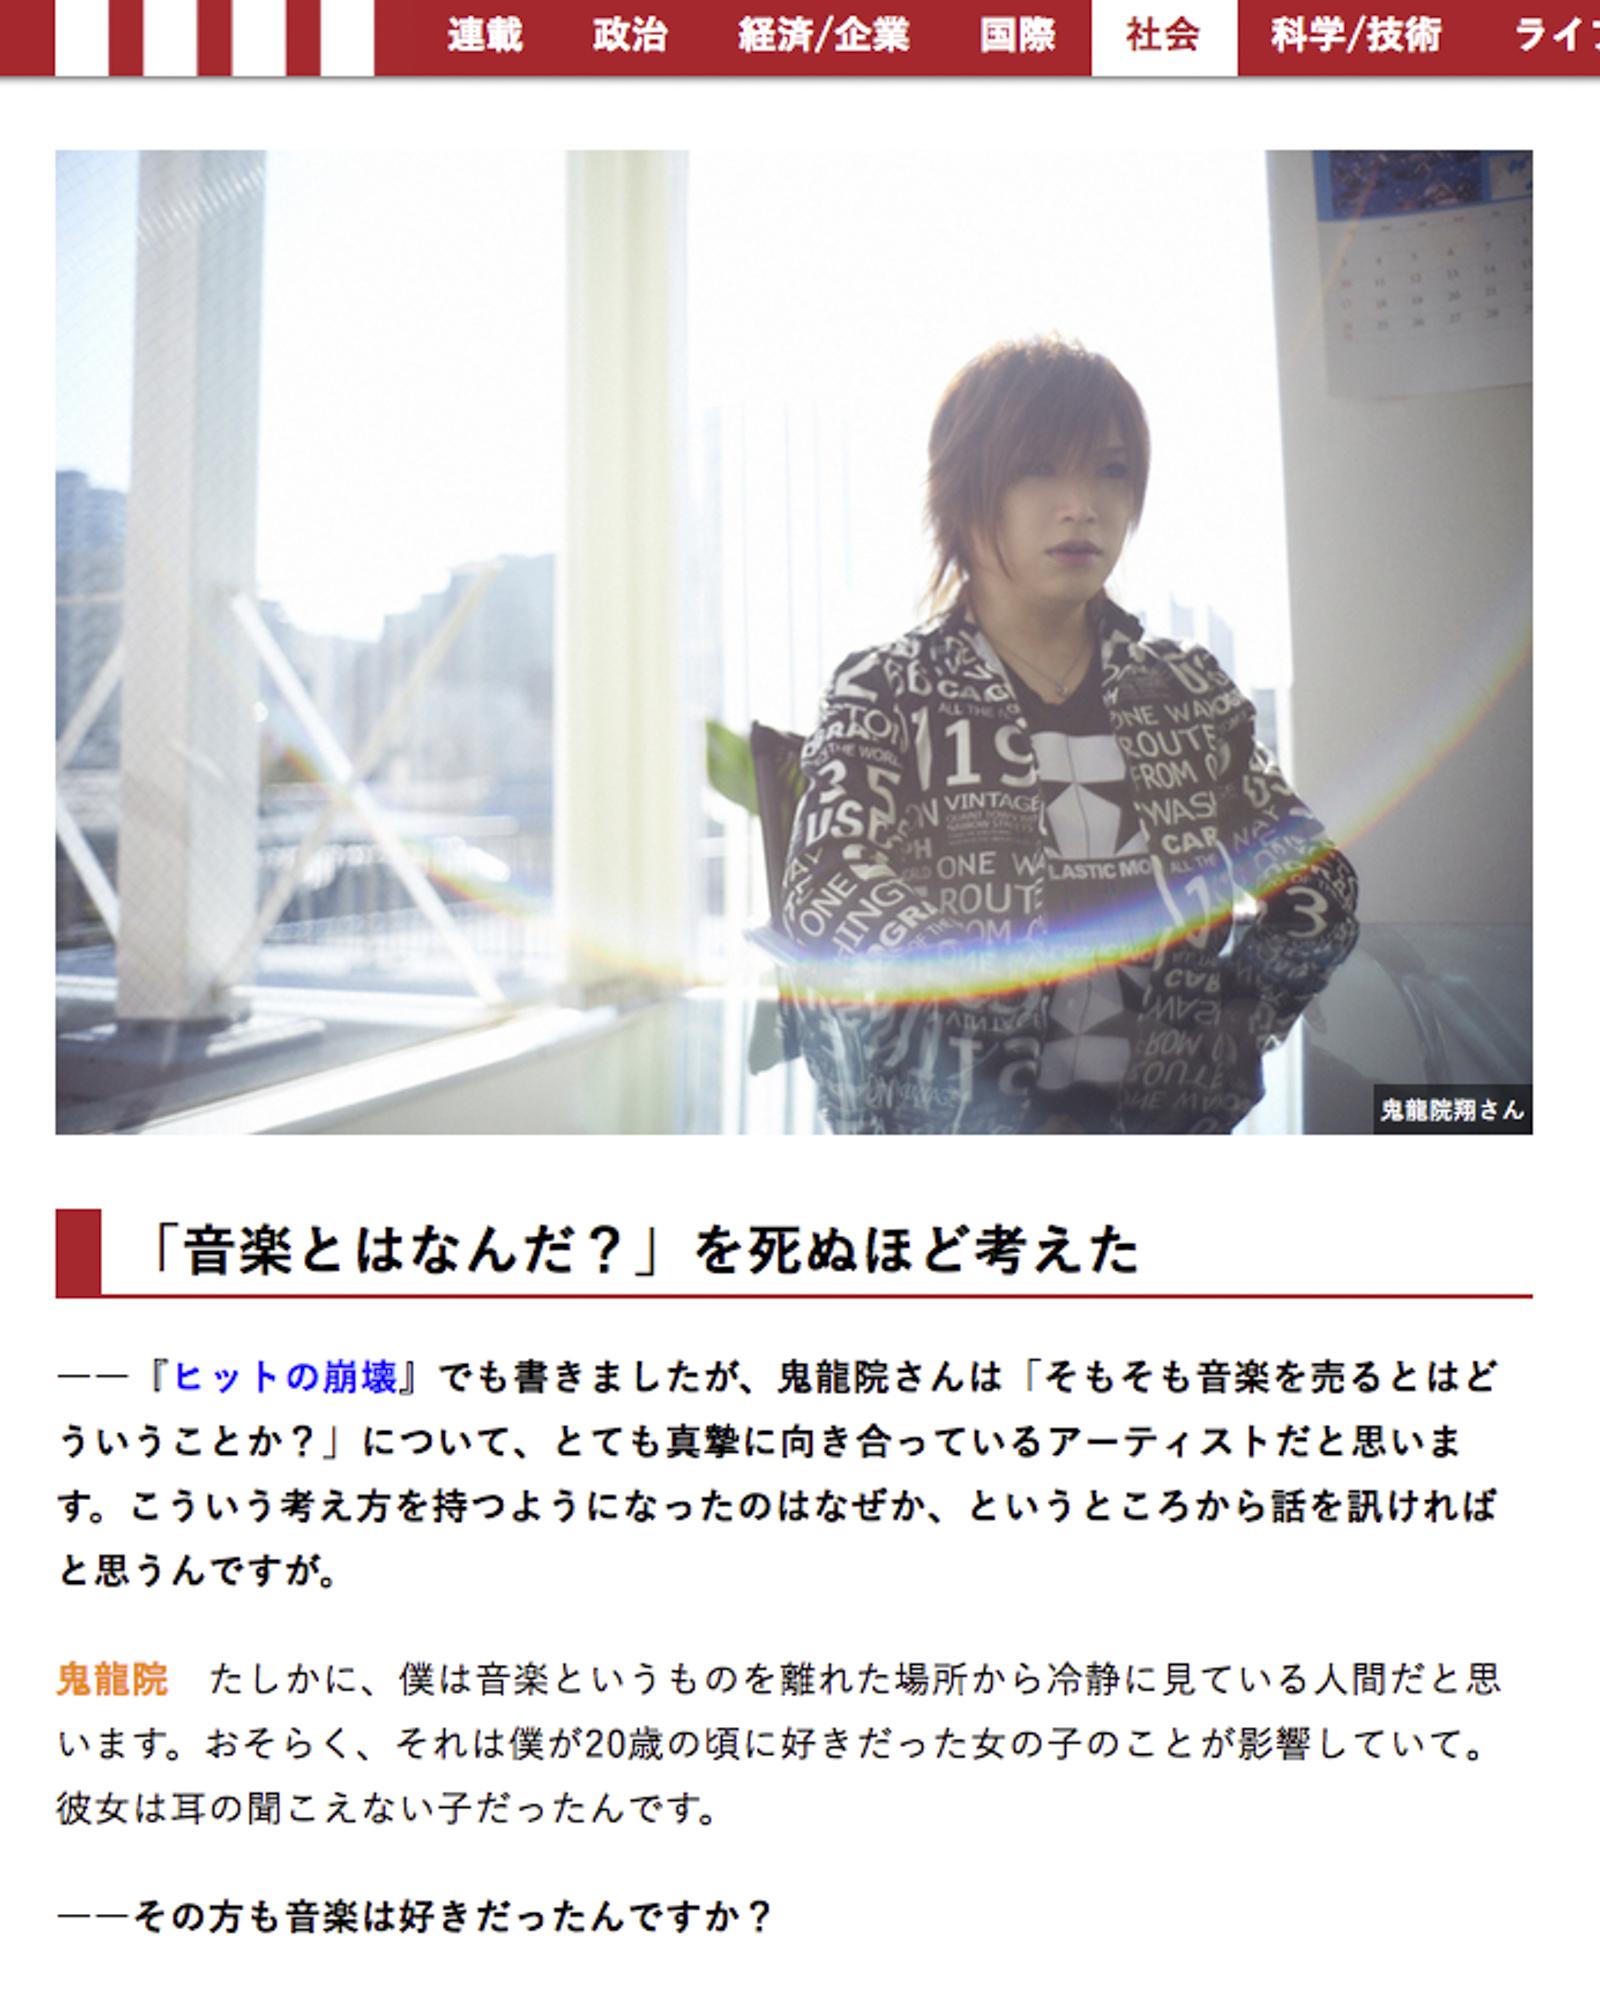 現代ビジネス 鬼龍院翔 インタビュー   https://gendai.ismedia.jp/articles/-/54251